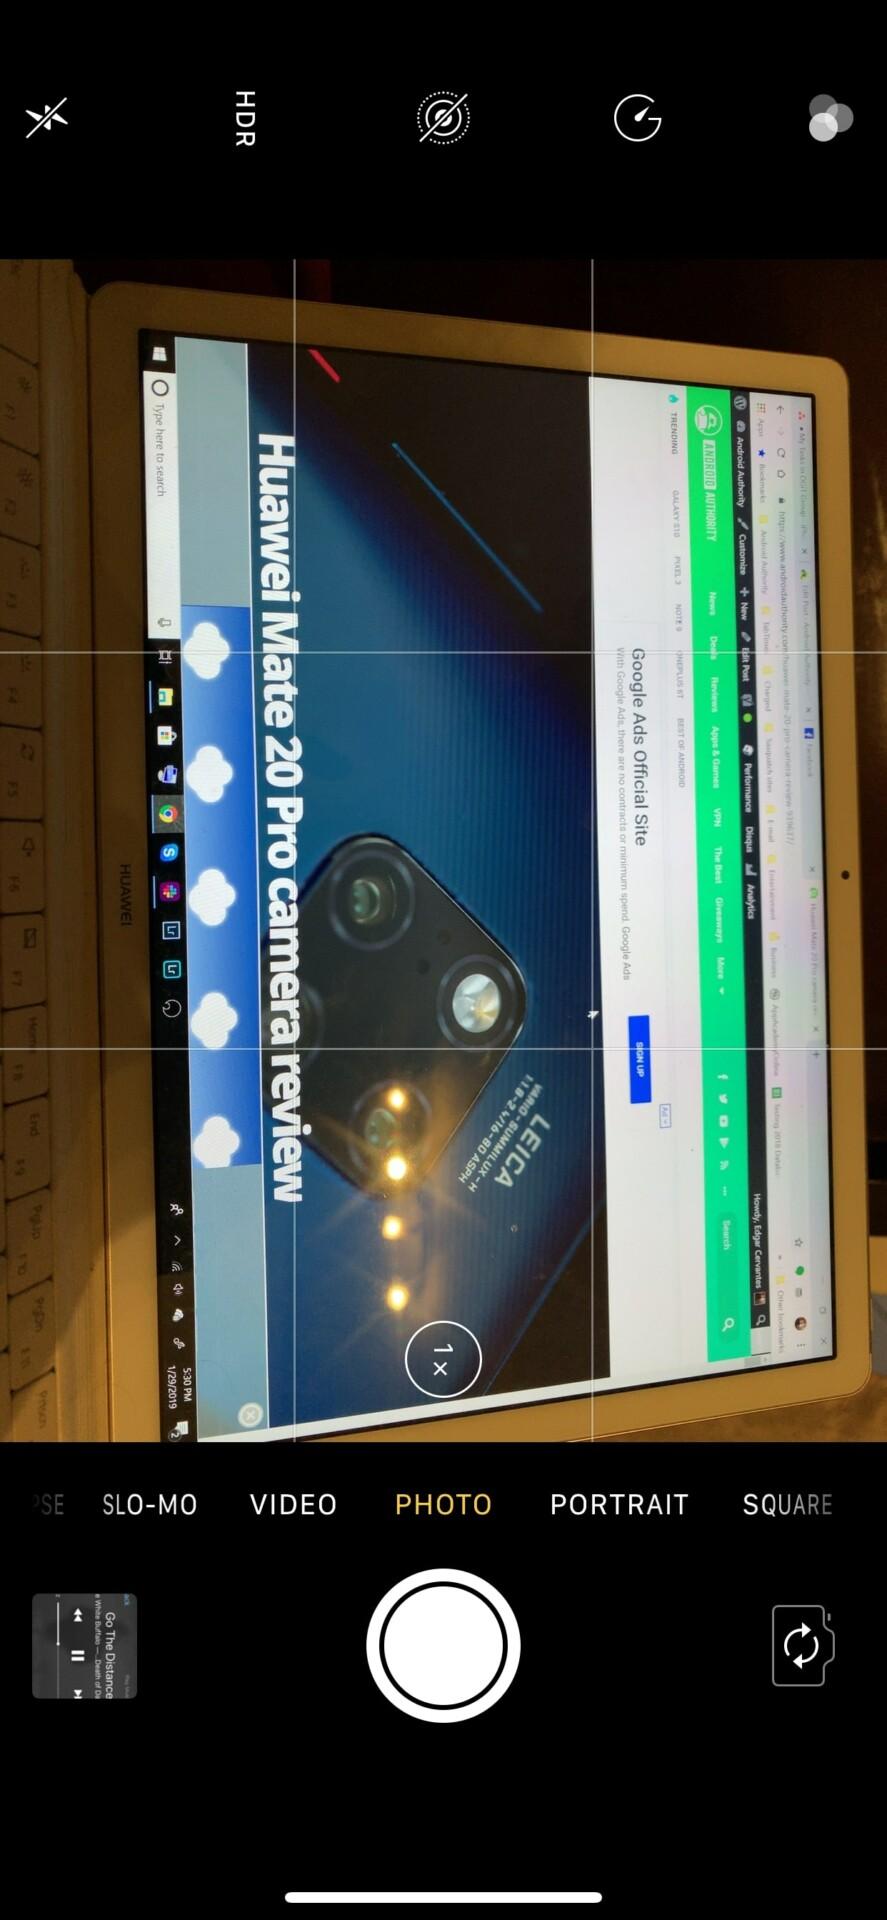 iPhone XS Max camera app options